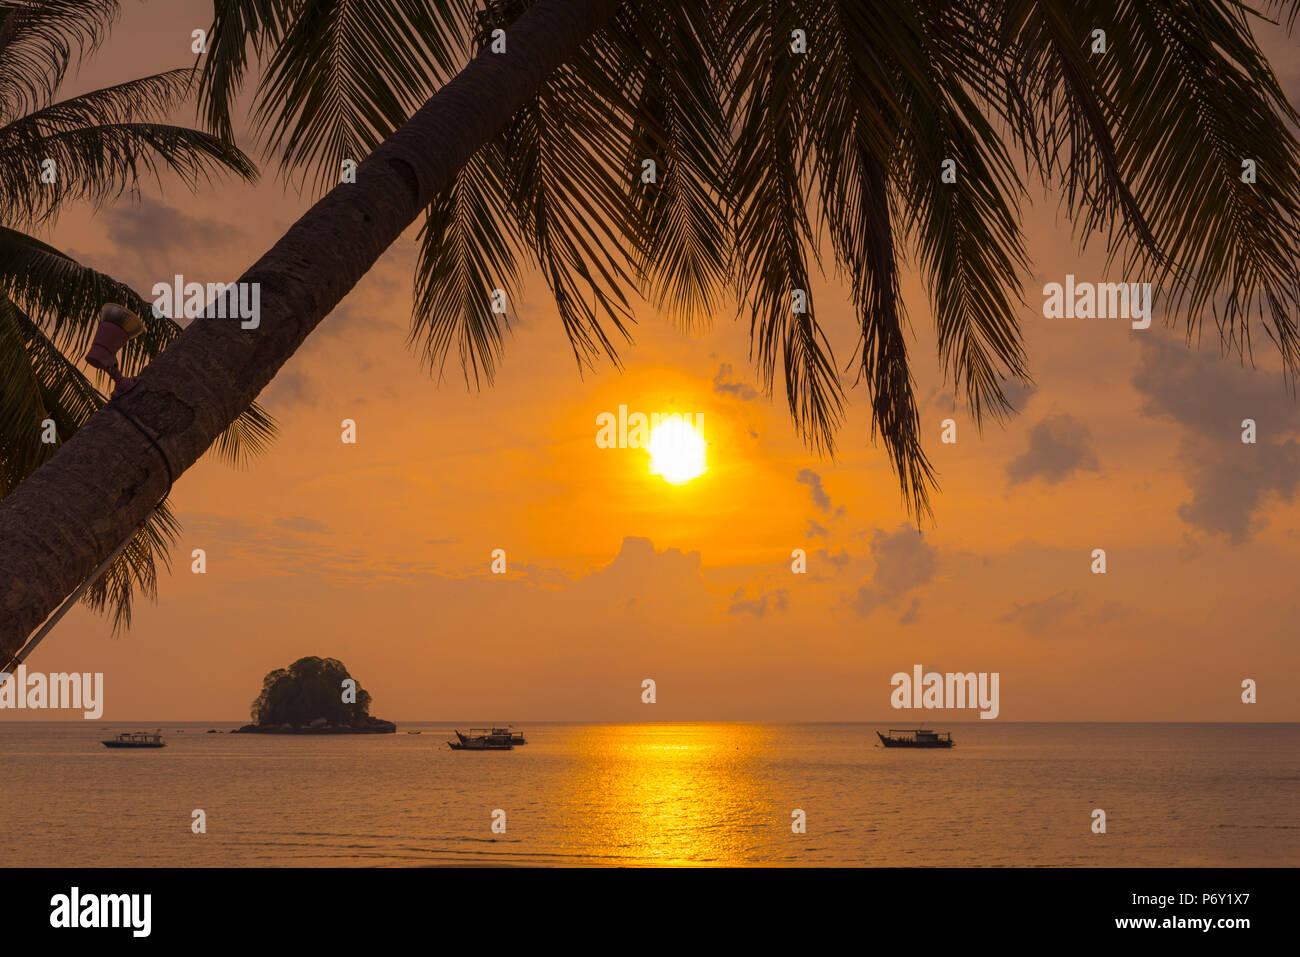 Malasia, Pahang, Pulau Tioman (la isla de Tioman), el Berjaya Beach, Pulau Rengis Rengis (isla). Foto de stock